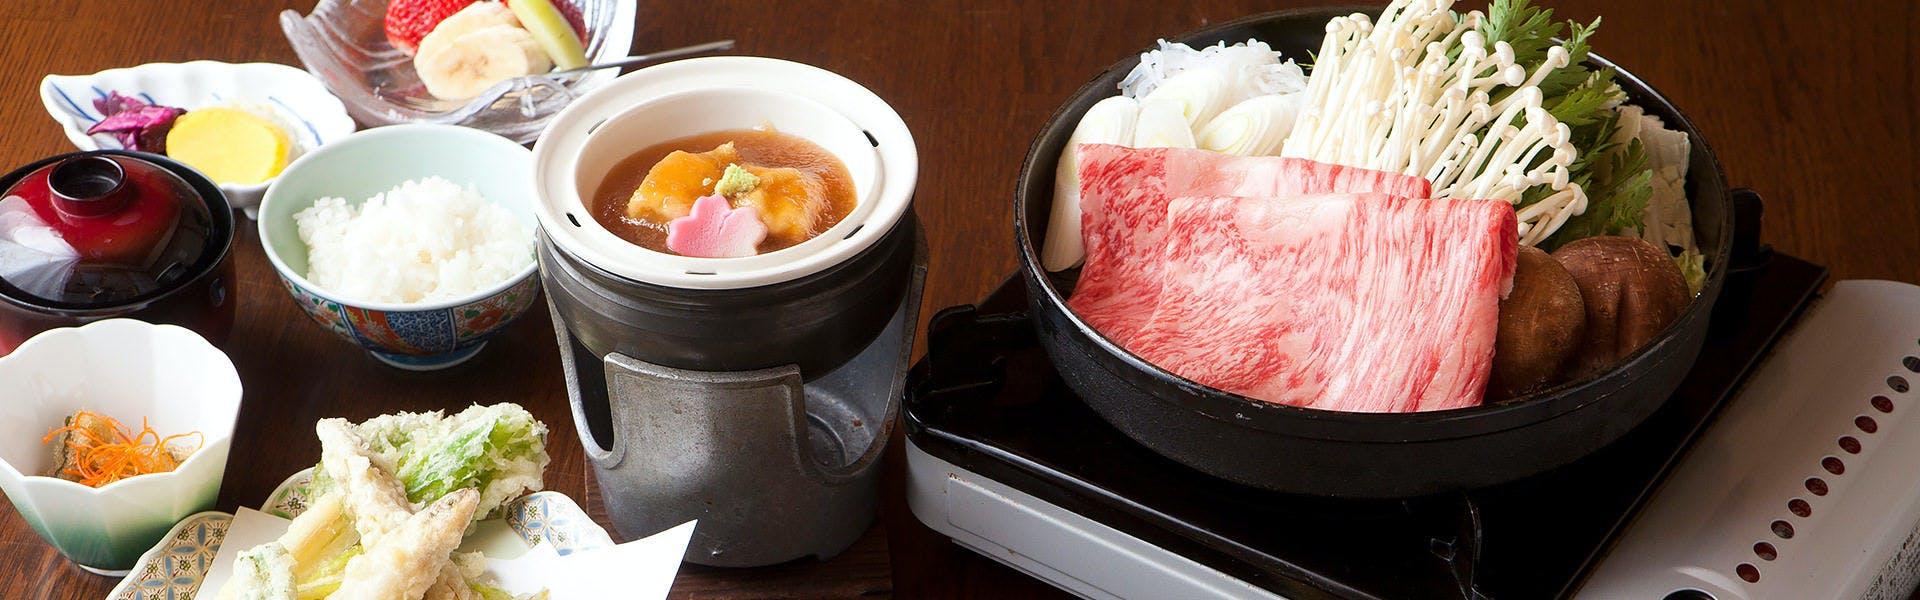 記念日におすすめのホテル・鹿の湯源泉かけ流しの宿 松川屋那須高原ホテルの写真3